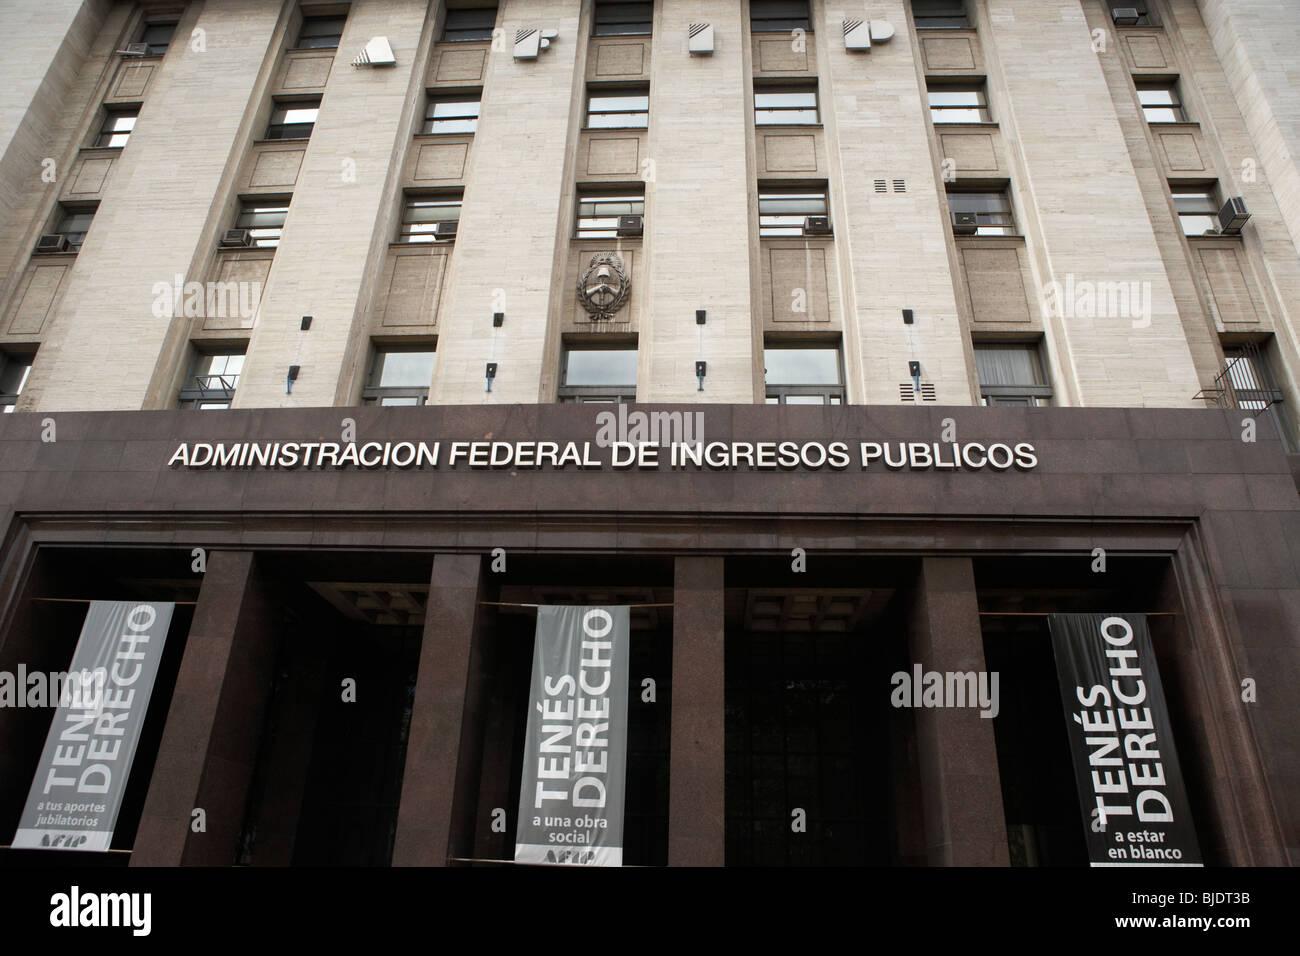 Administracion federal de Ingresos können Steuer- und Zolleinnahmen Behörde Gebäude im Stadtzentrum Stockbild